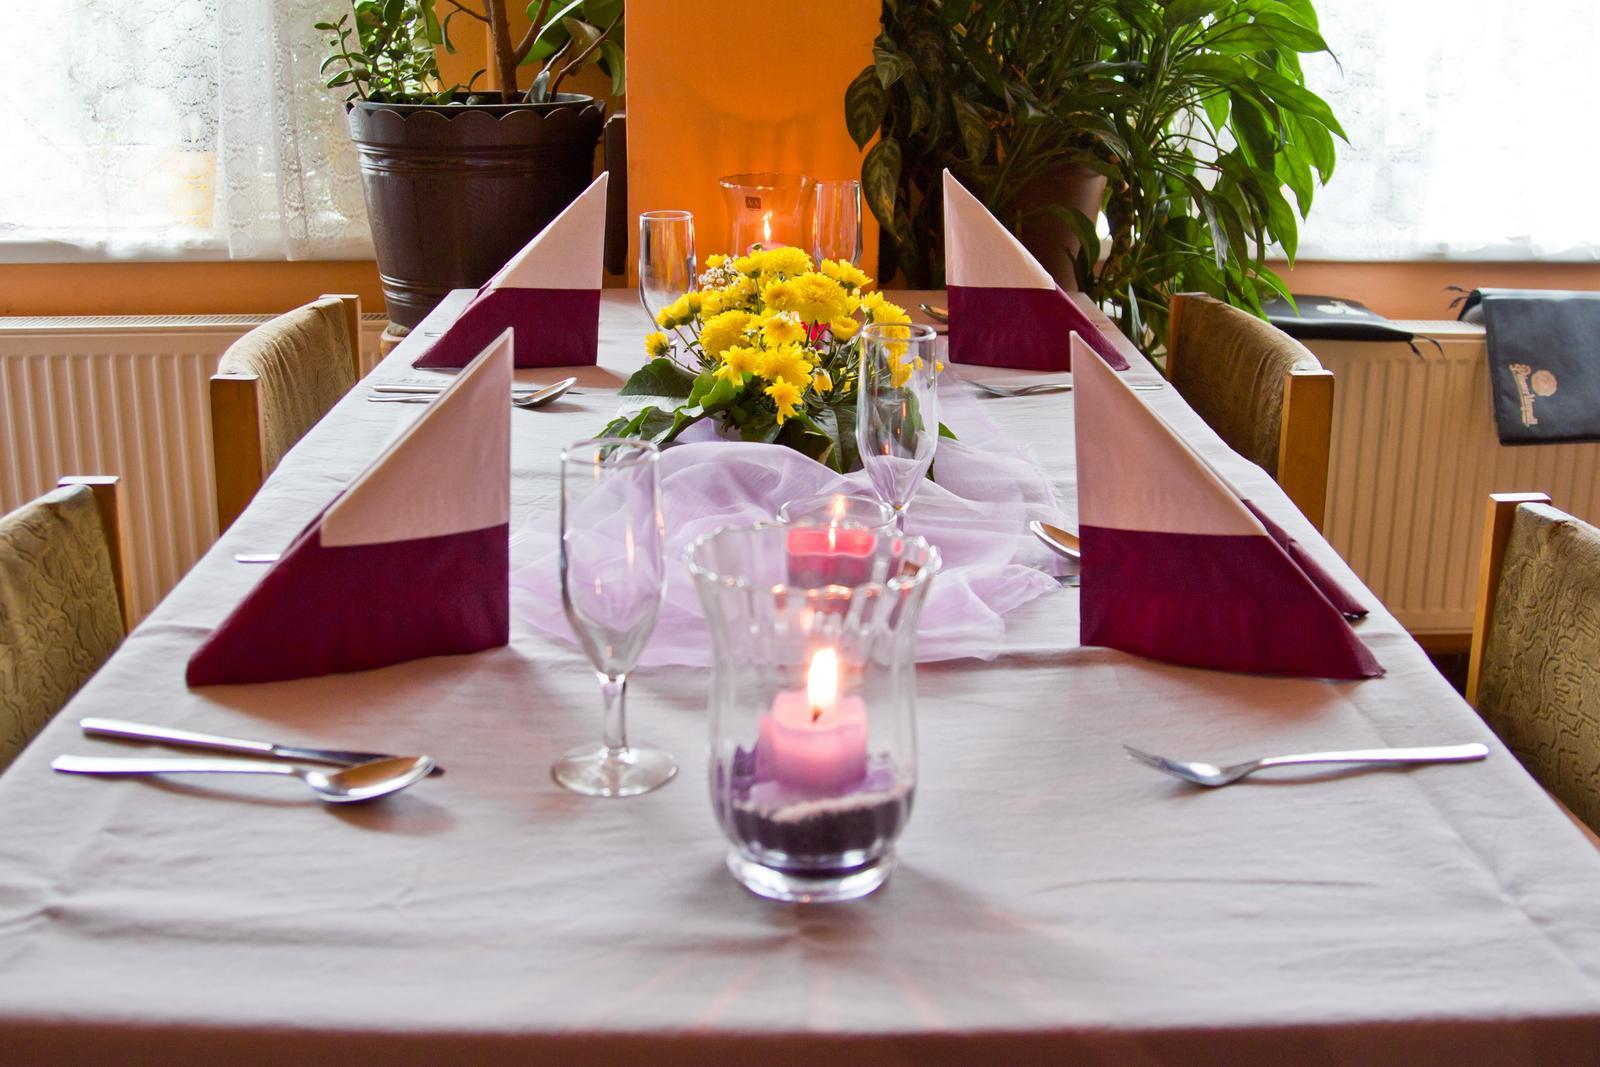 Naše výroční focení aneb návrat na místo činu po roce :) - Improvizovaně připravená svatební tabule - překvapení od majitelů restaurace, kde jsme měli svatební hostinu před rokem :)